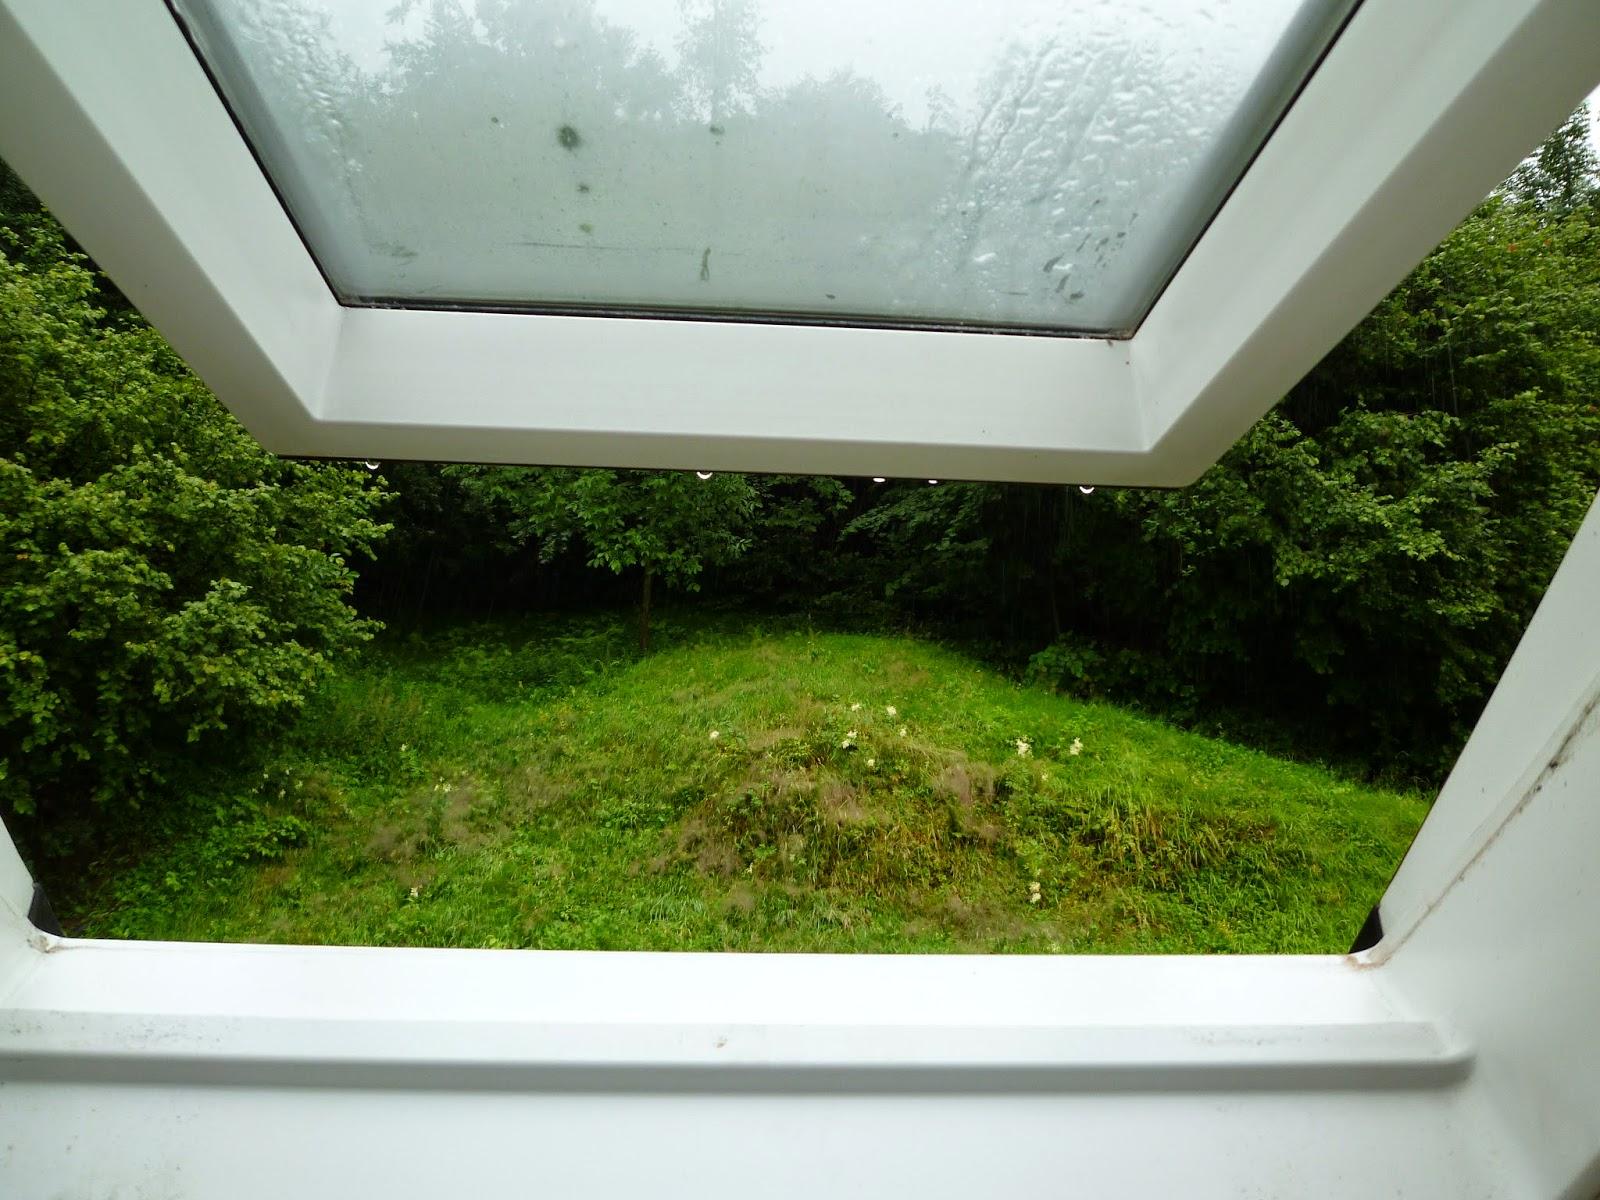 Stoff mit stil 12 von 12 im juli for Fenster nass